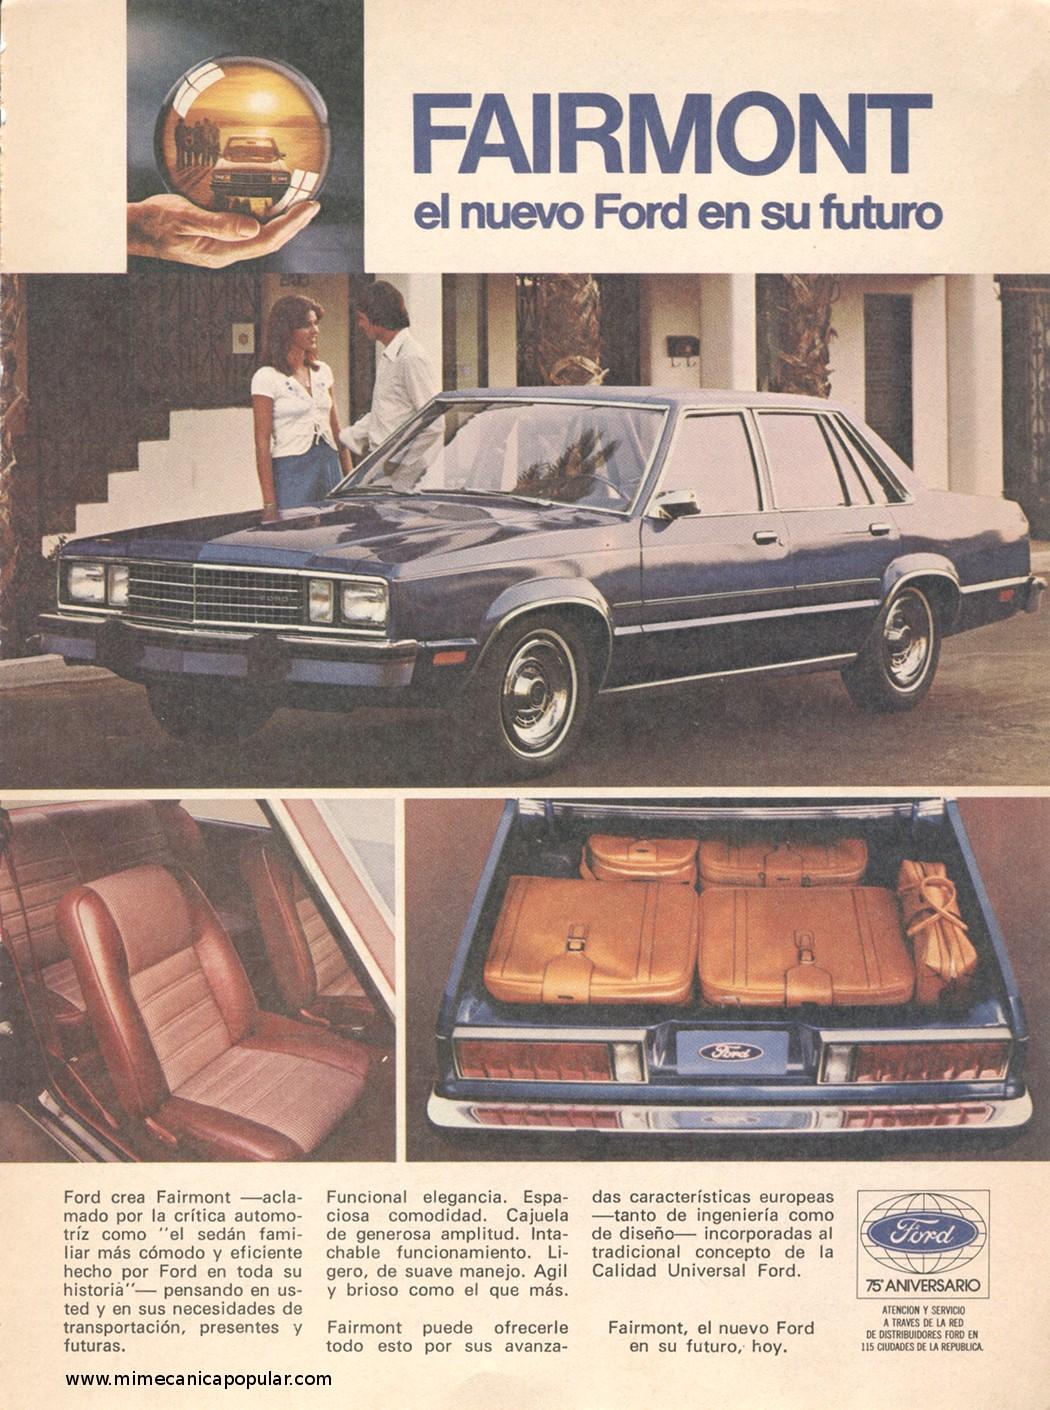 publicidad_ford_fairmont_noviembre_1977-01g.jpg